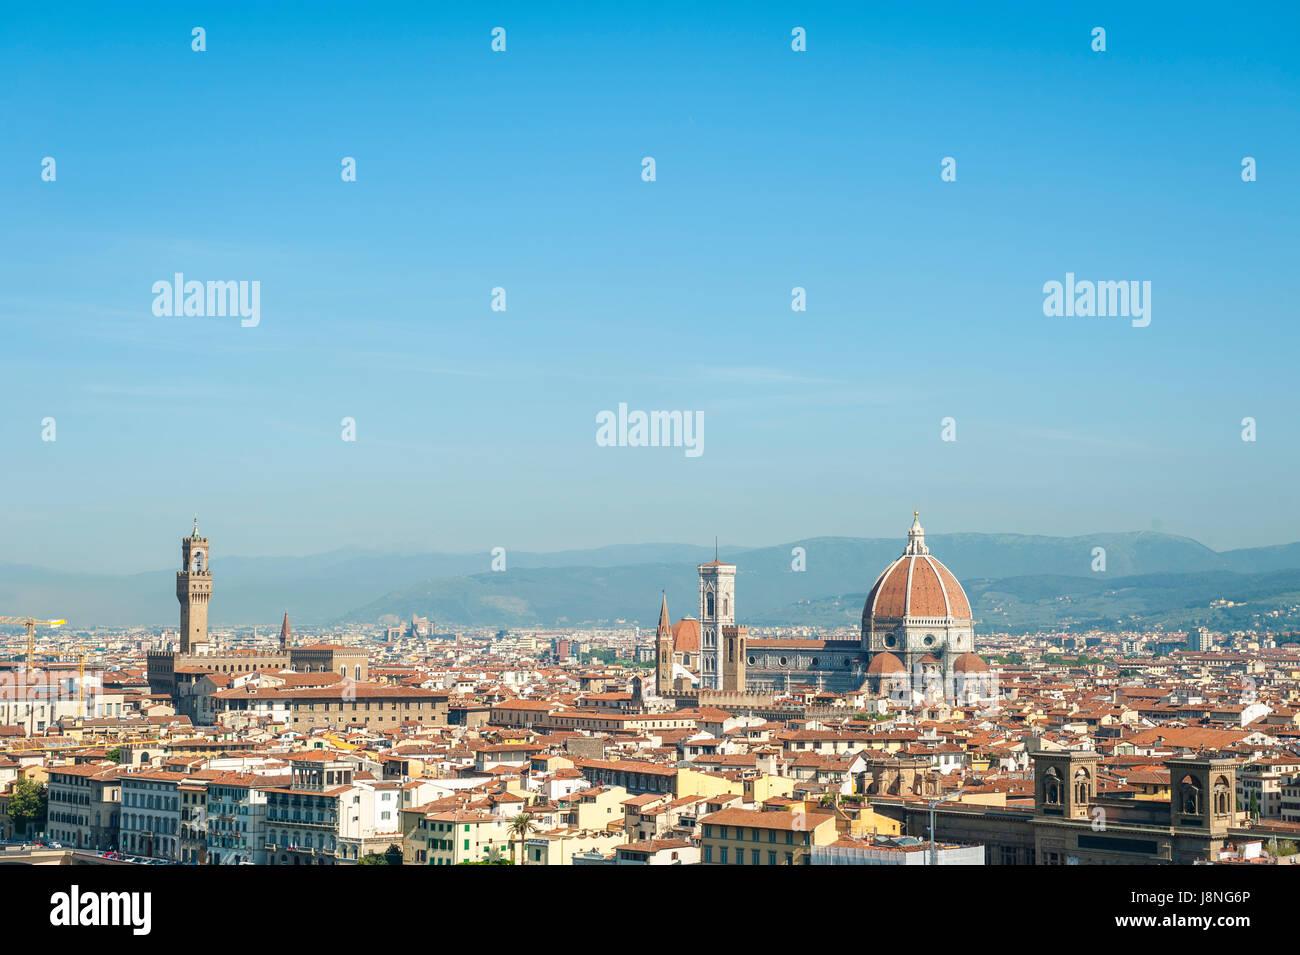 Landschaftlich reizvolle Skyline Blick auf Florenz, Italien dominiert die Terra-Cotta-Kuppel der Cattedrale di Santa Stockbild